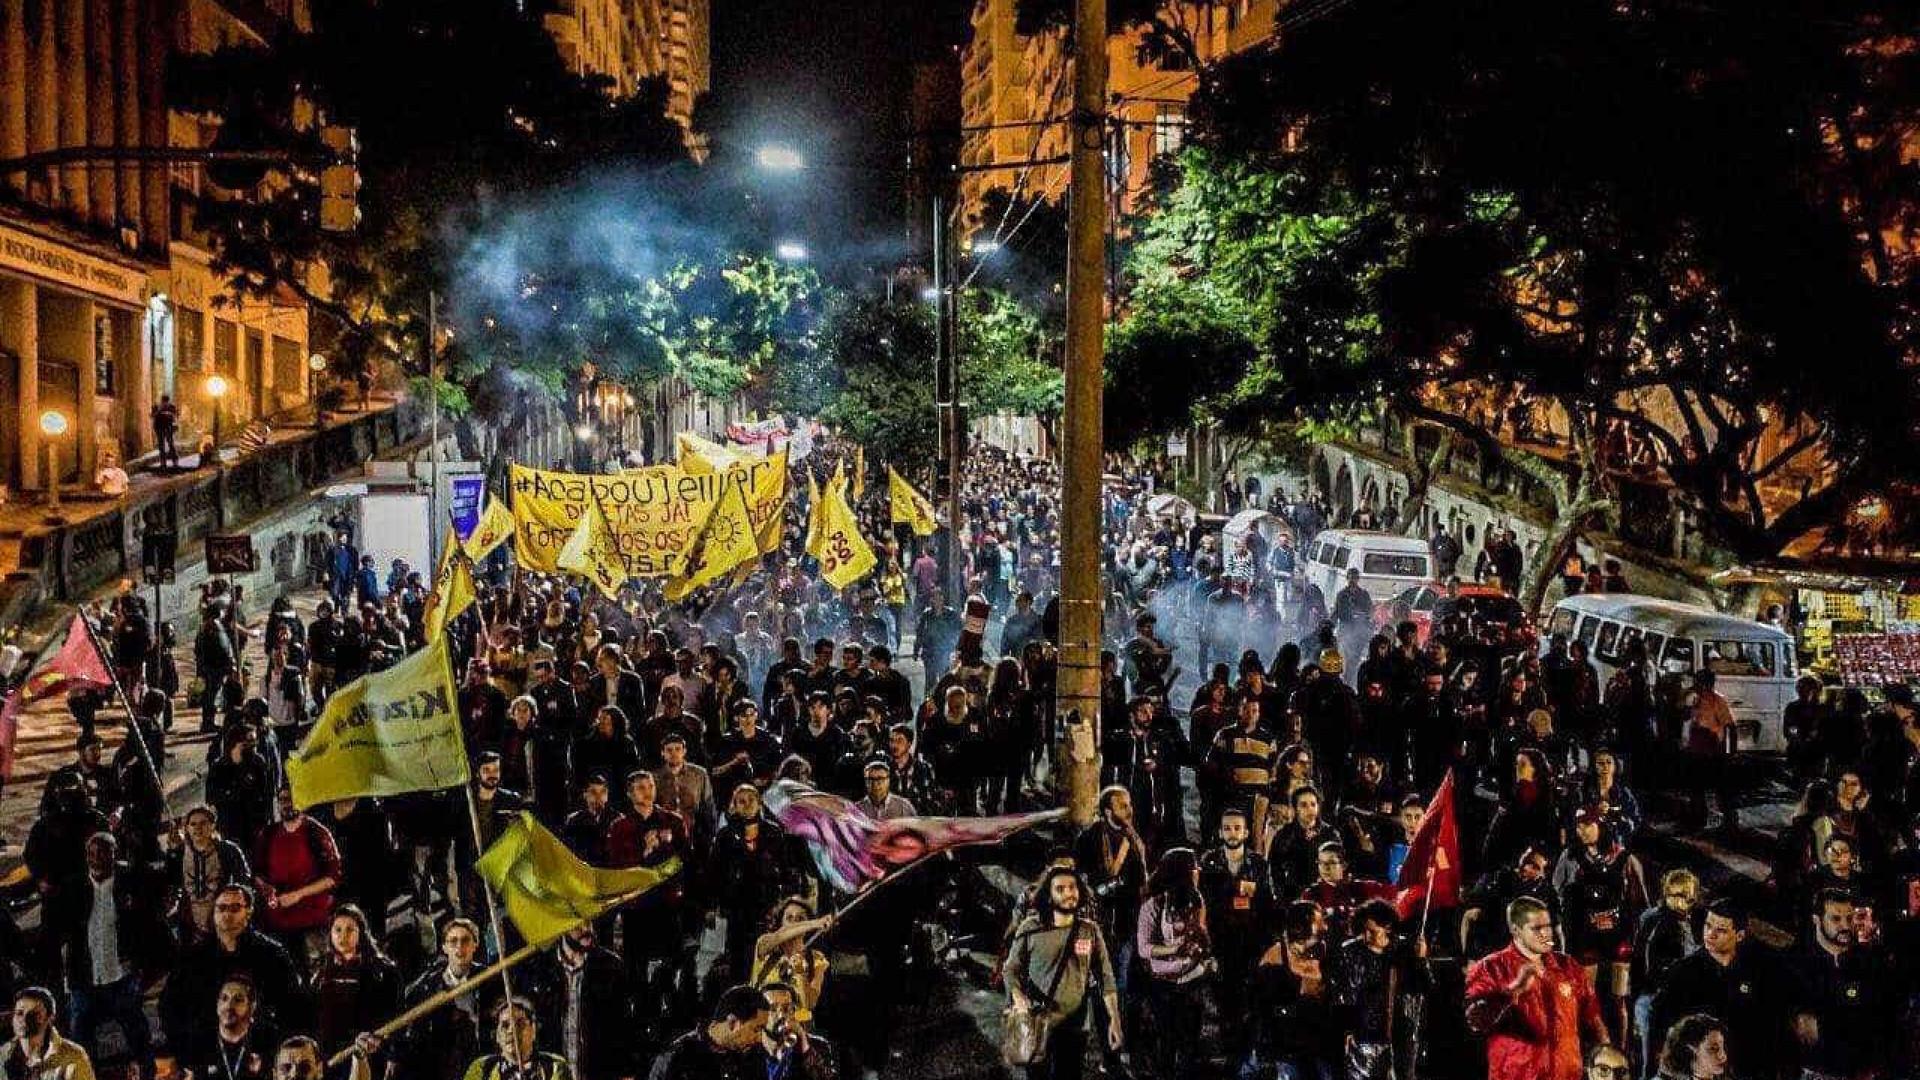 Milhares de manifestante tomam as ruas contra Michel Temer